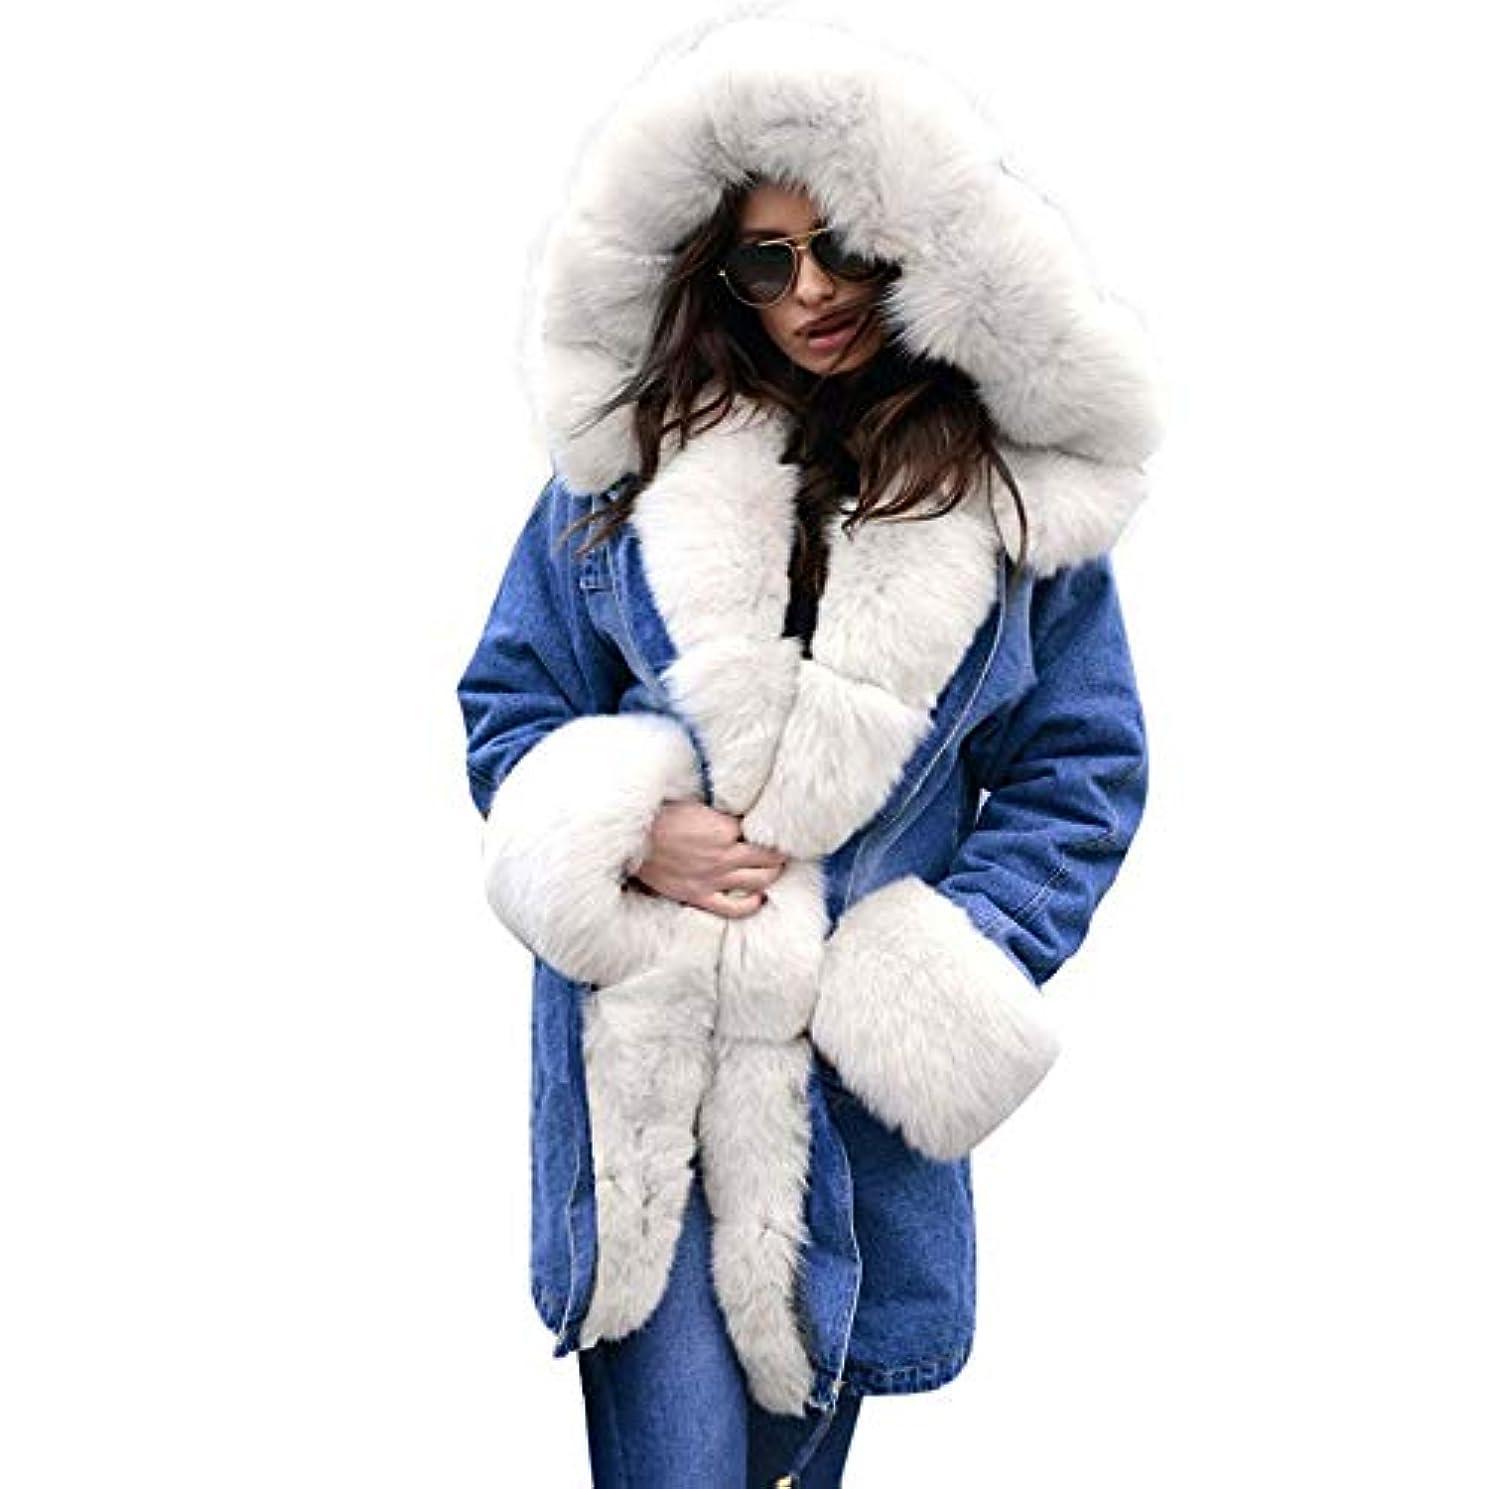 ラジカル混合先史時代のファッションウィンタージャケット女性ウォームコートフェイクファーコットンフリースオーバーコート女性ロングフードコートパーカスパーカー,L